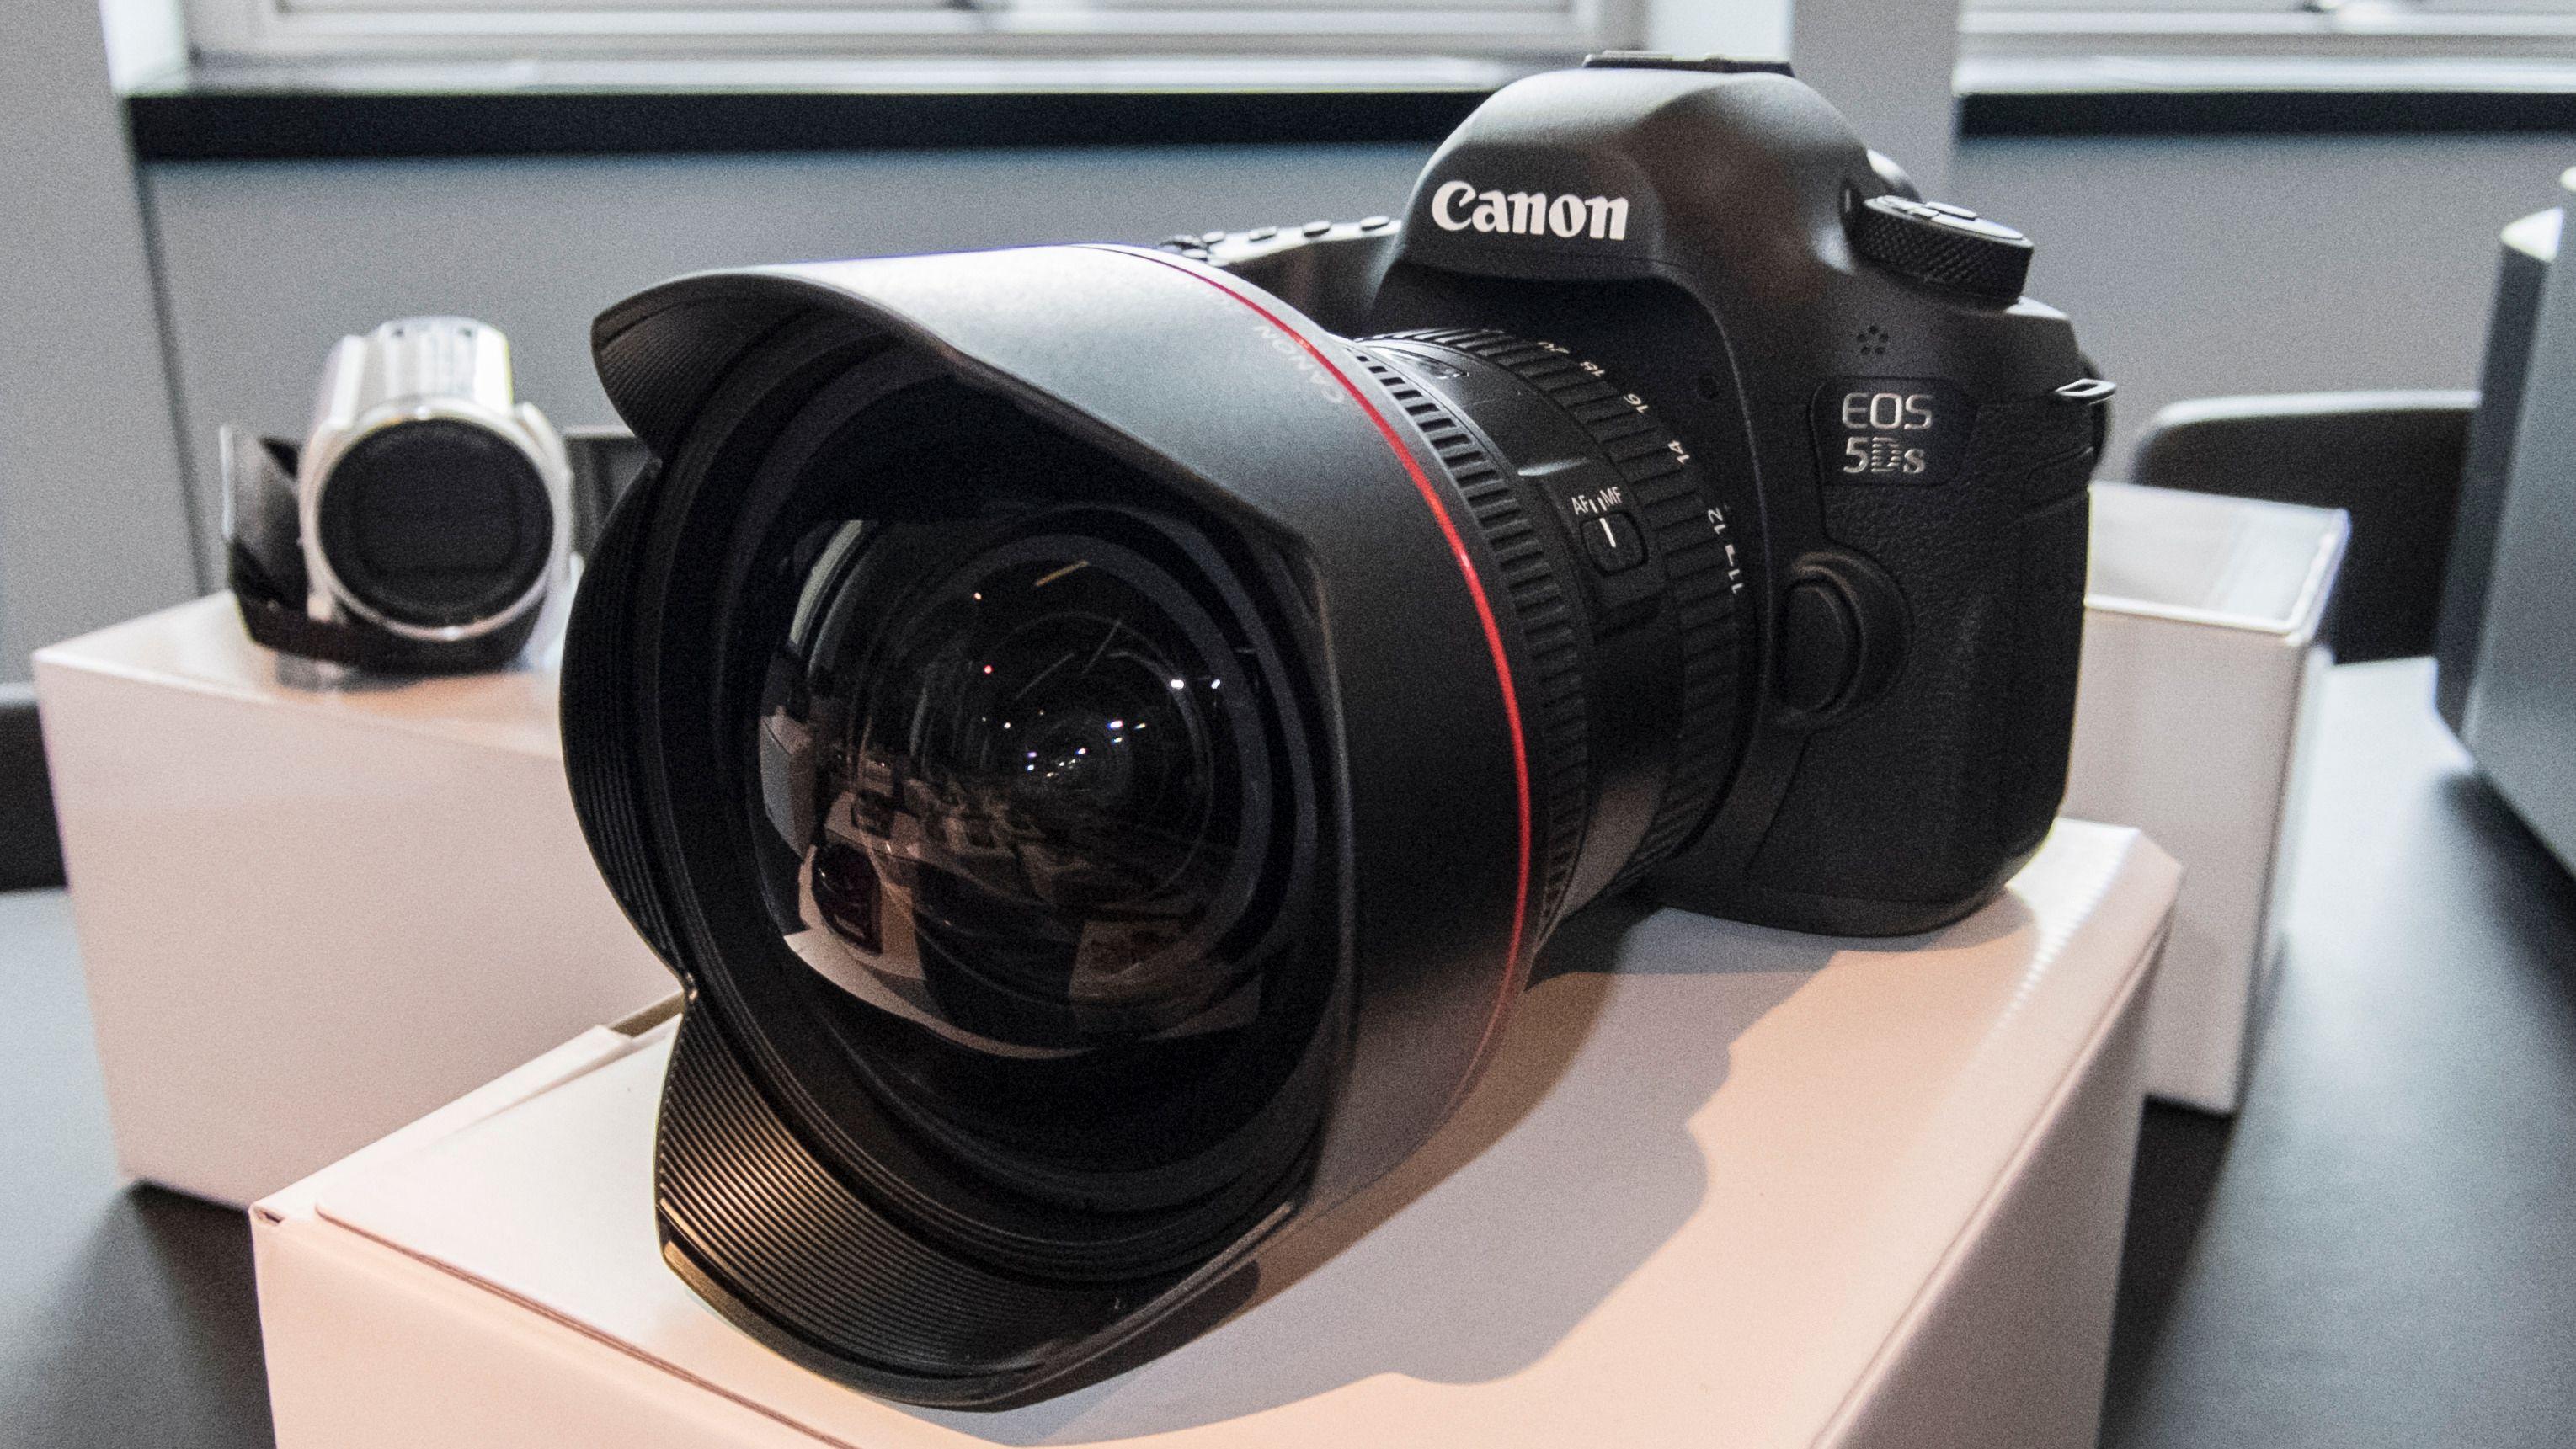 Canons 11-24 millimeter er et monster av en vidvinkel. Foto: Kristoffer Møllevik